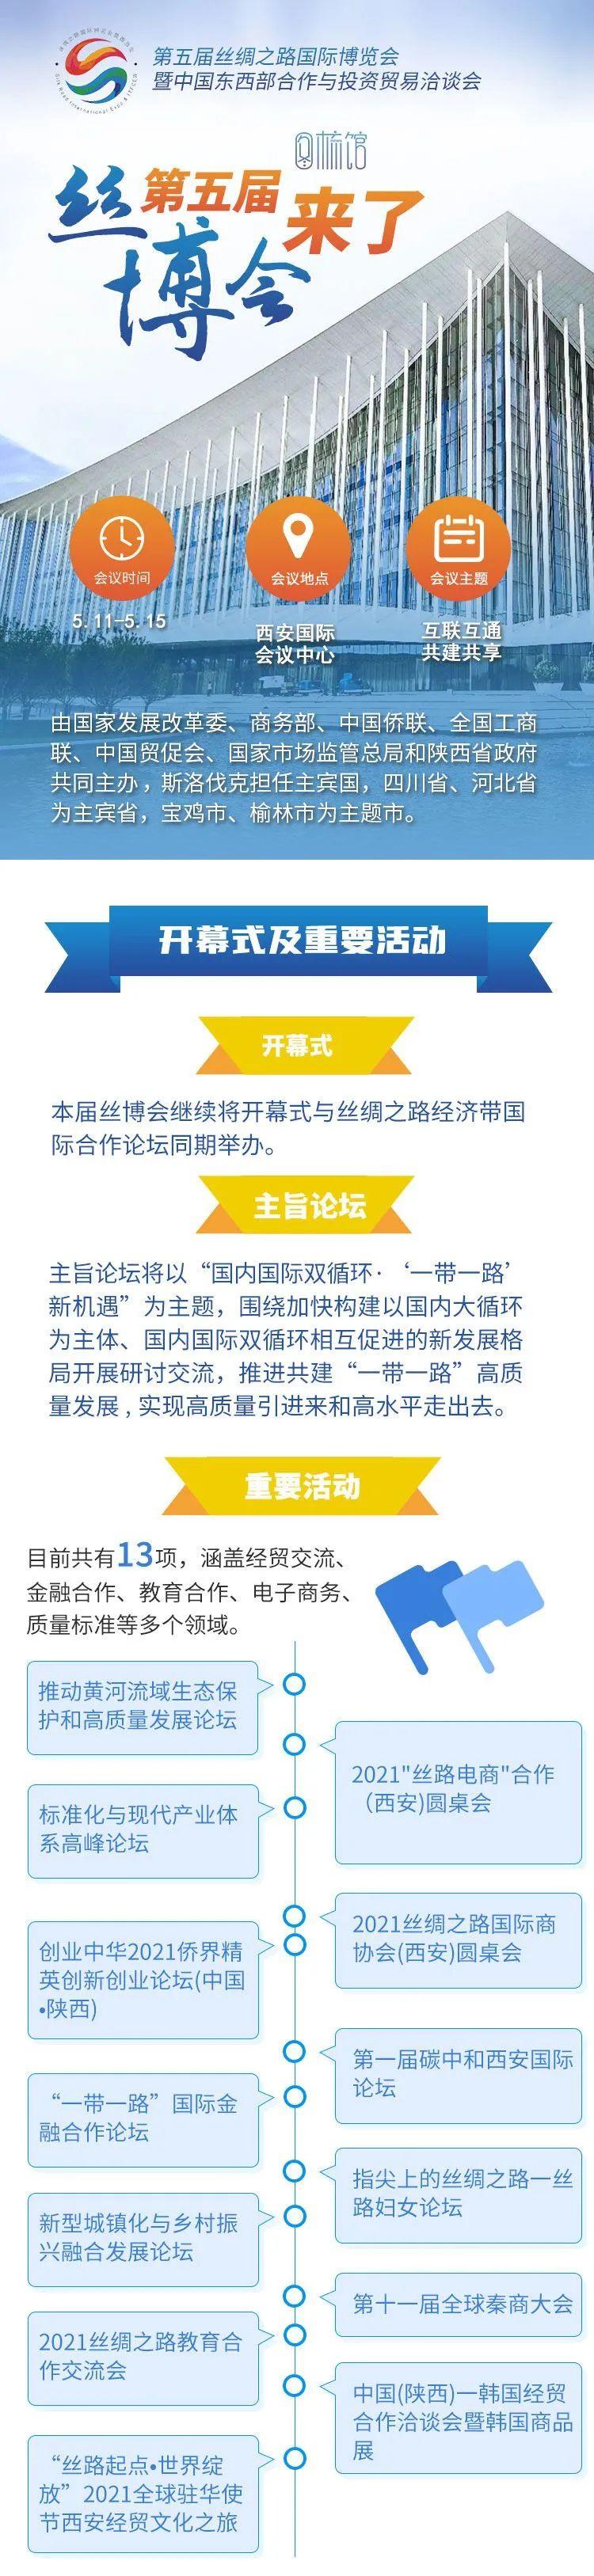 西部网三农:2021第五届丝博会5月11日开幕,陕西将推介1300多个招商项目